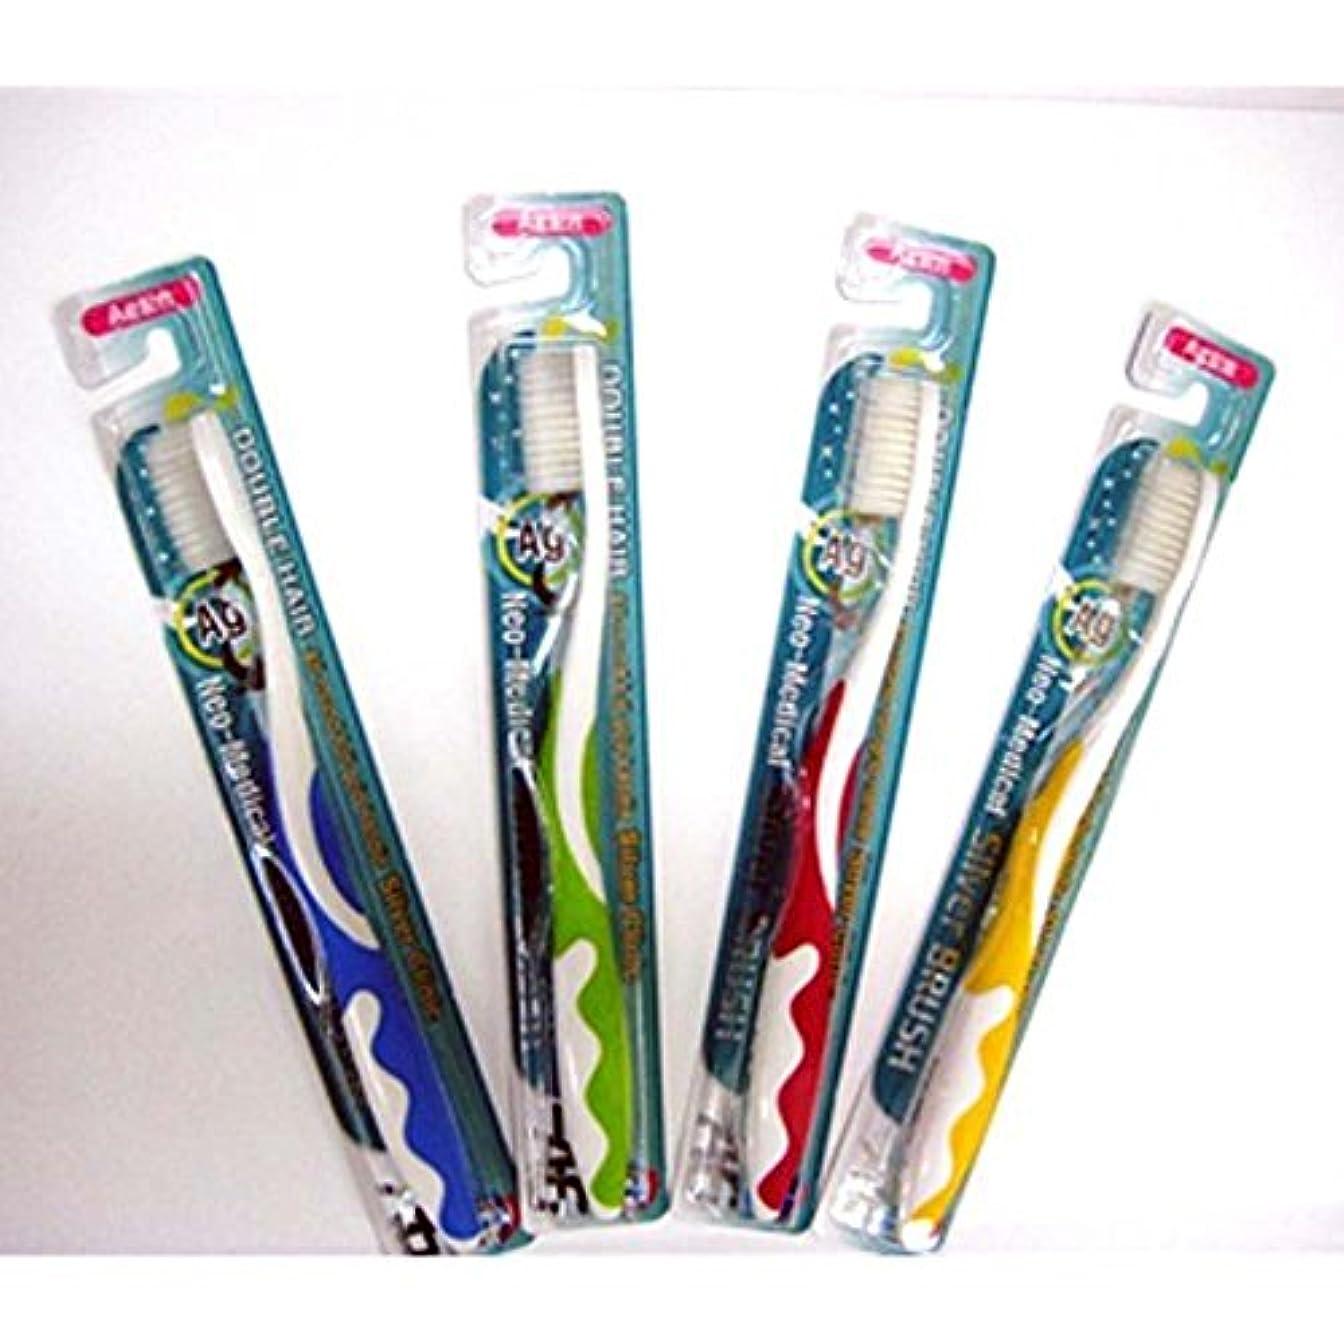 訪問薄汚いグラスネオG-1シルバー歯ブラシ 4色セット